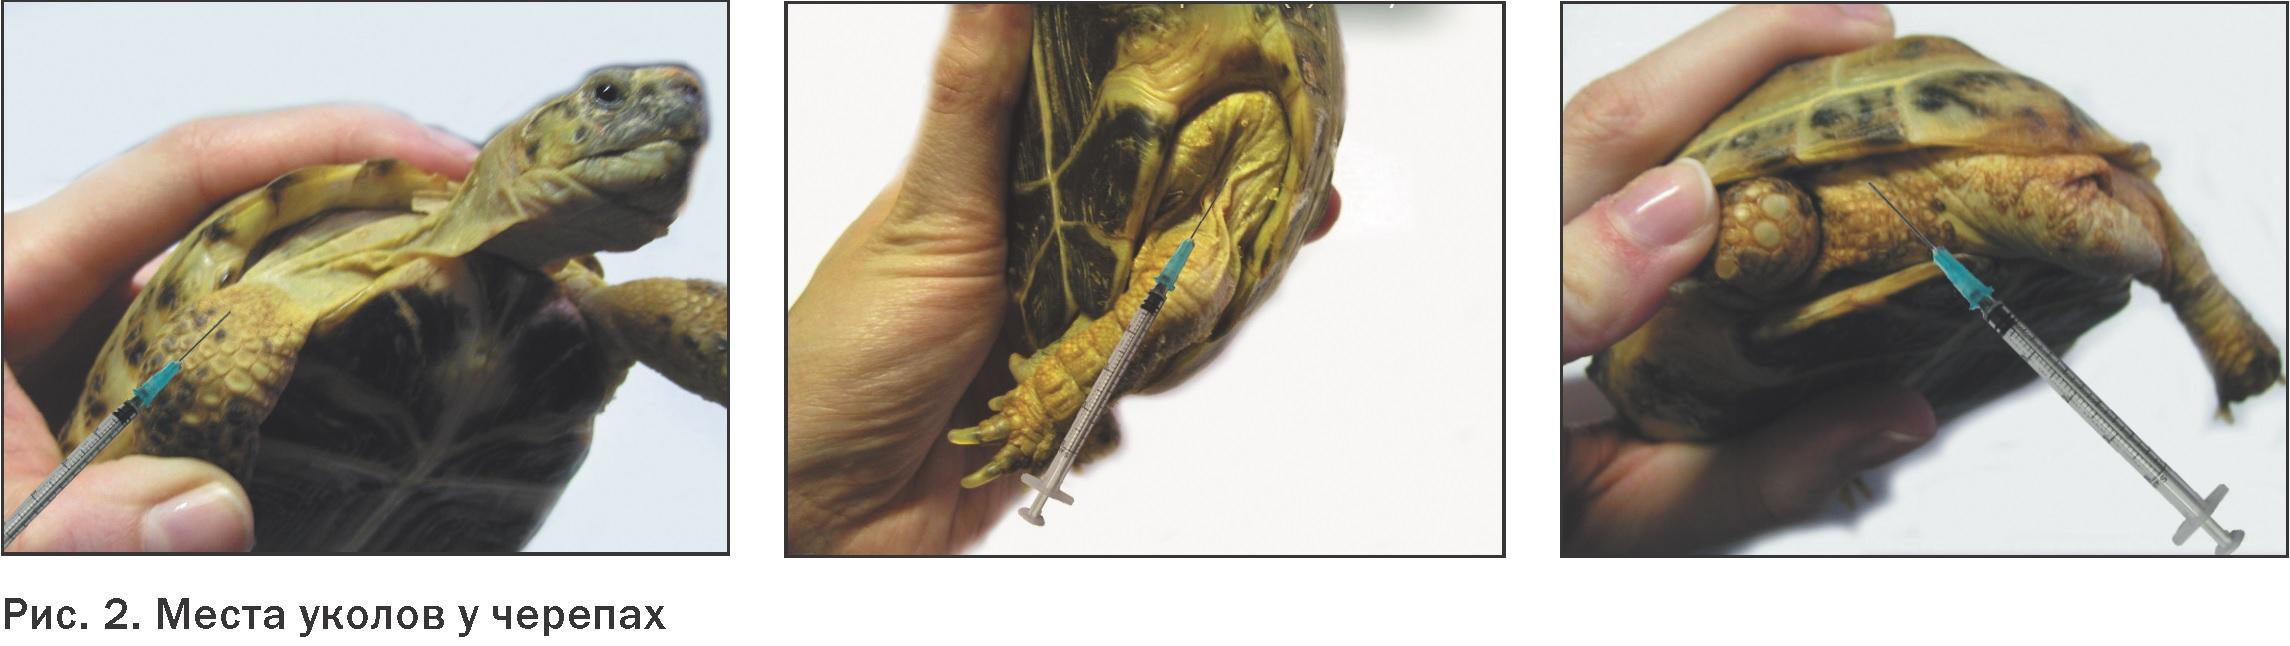 Как сделать укол черепахи